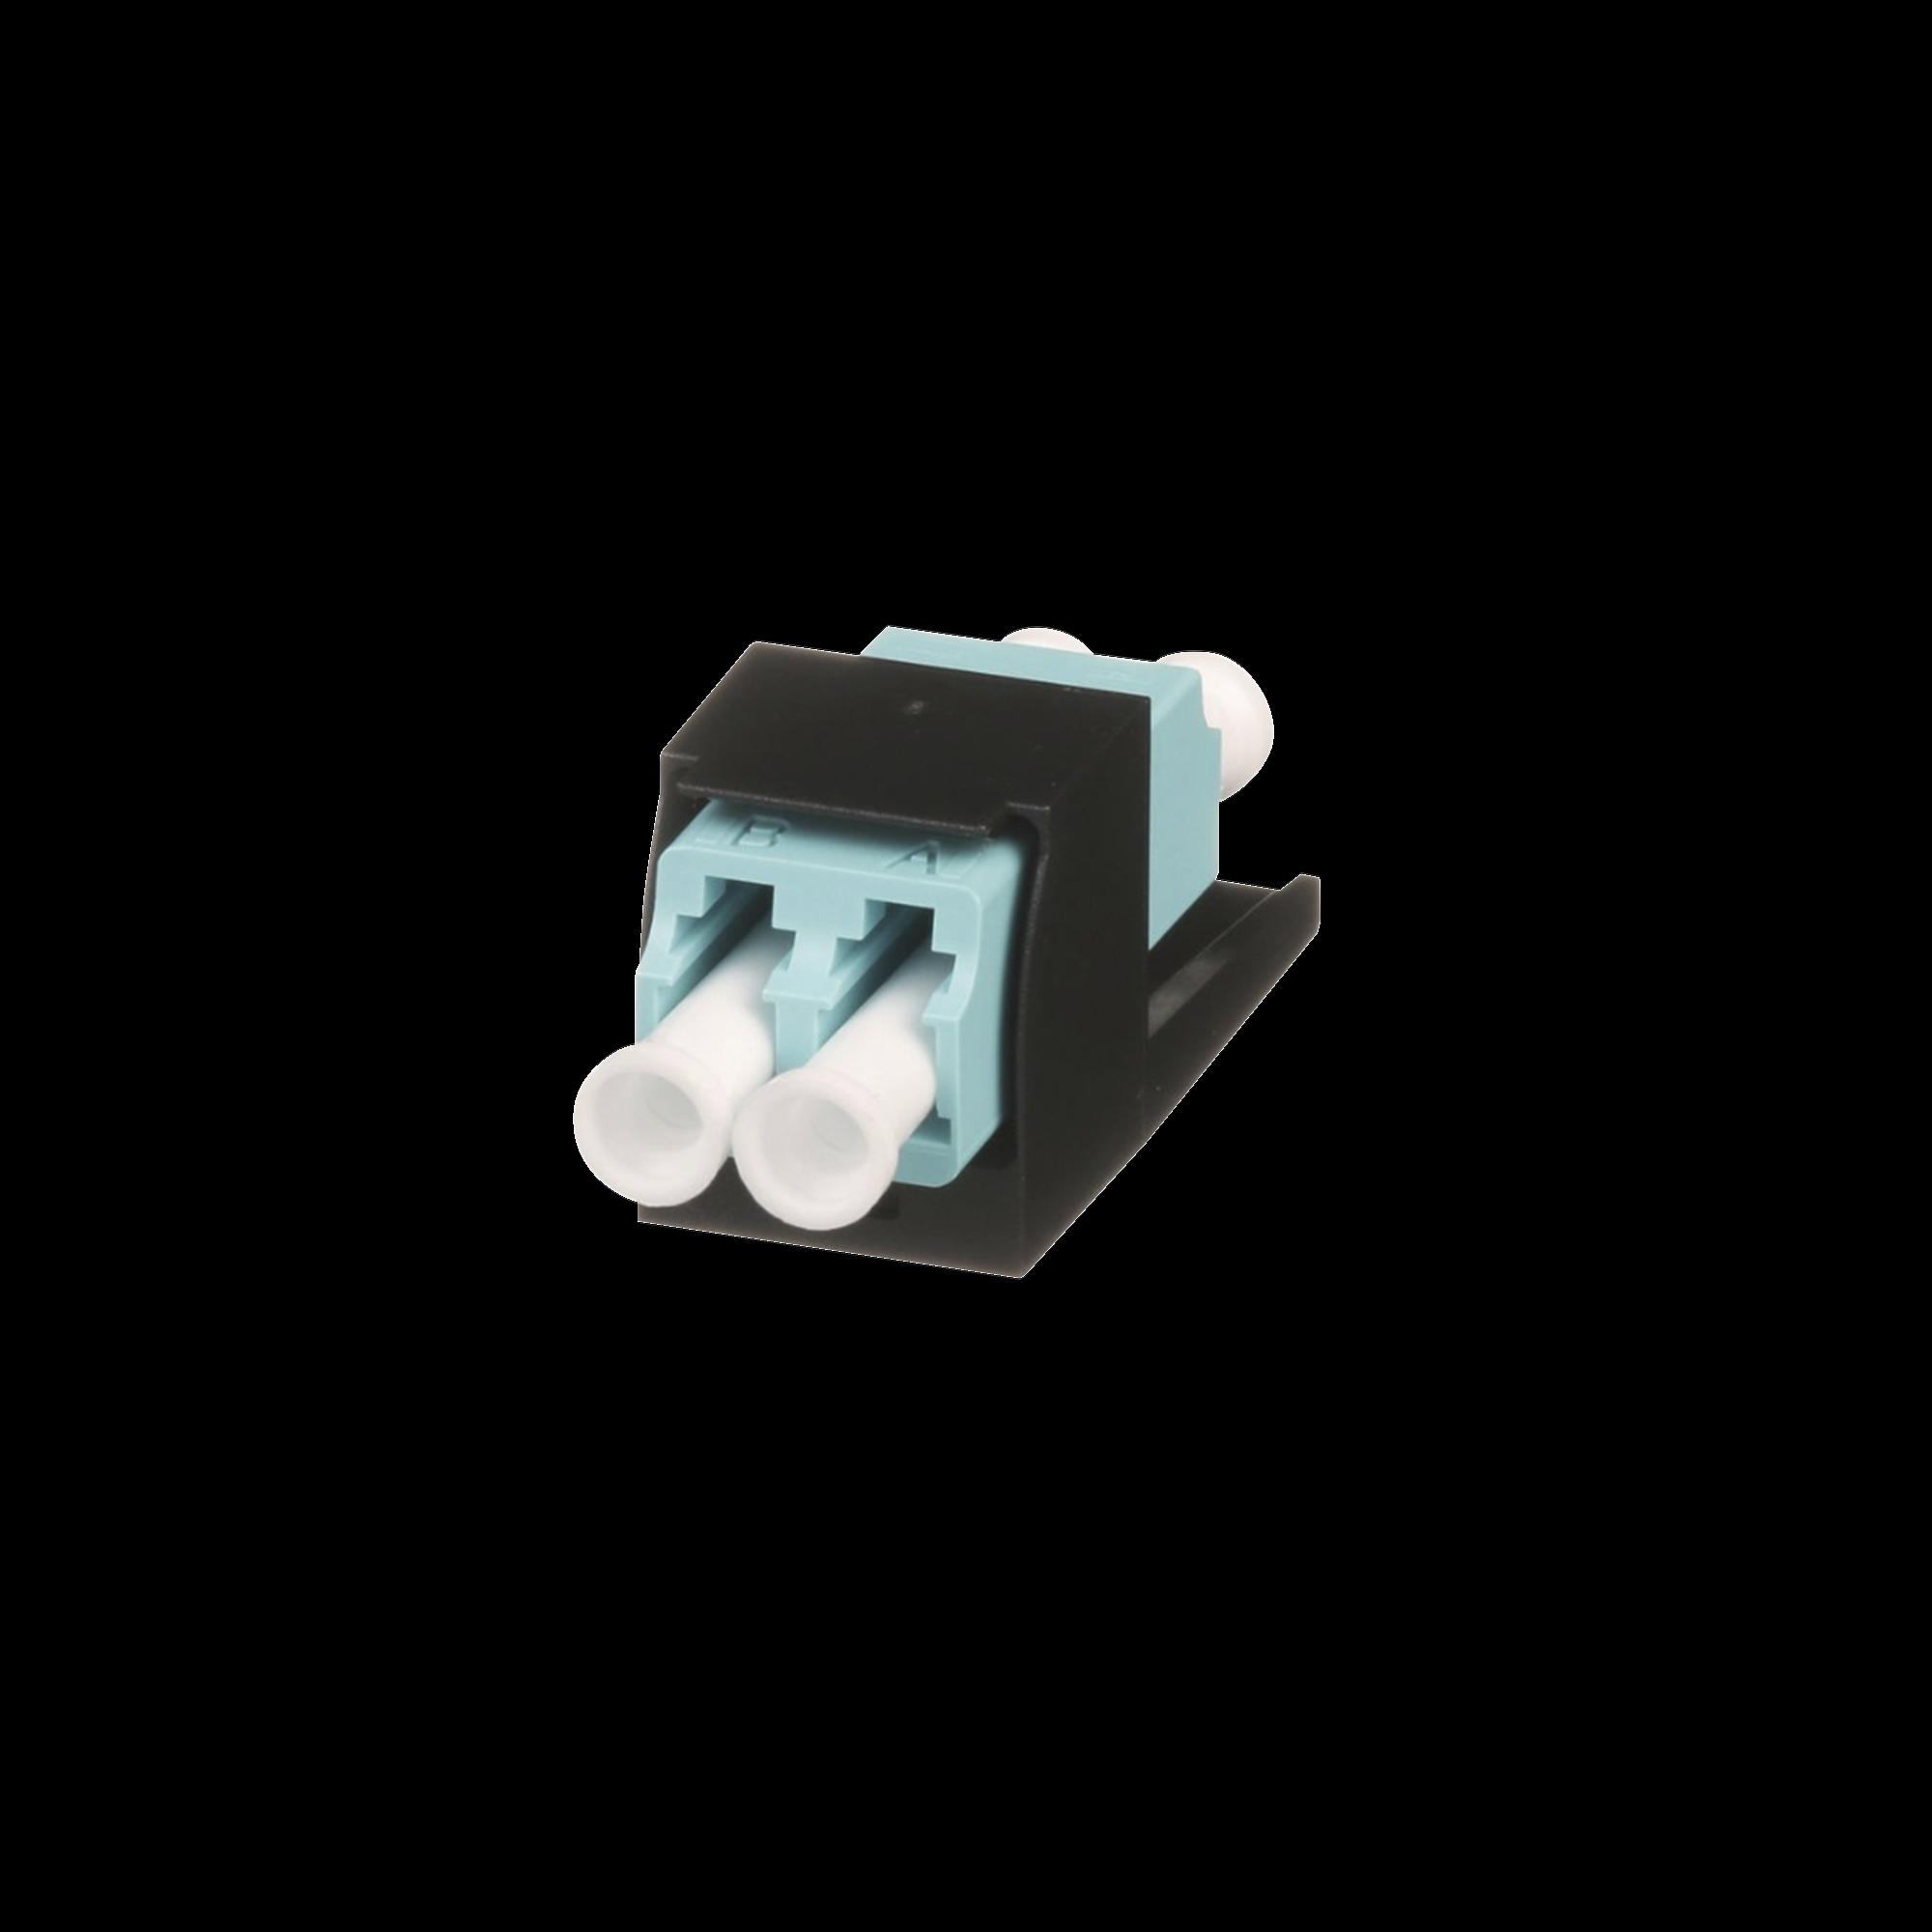 Módulo Acoplador LC Duplex, para Fibra óptica Multimodo OM3/OM4, Tipo Mini-Com, Color Aqua